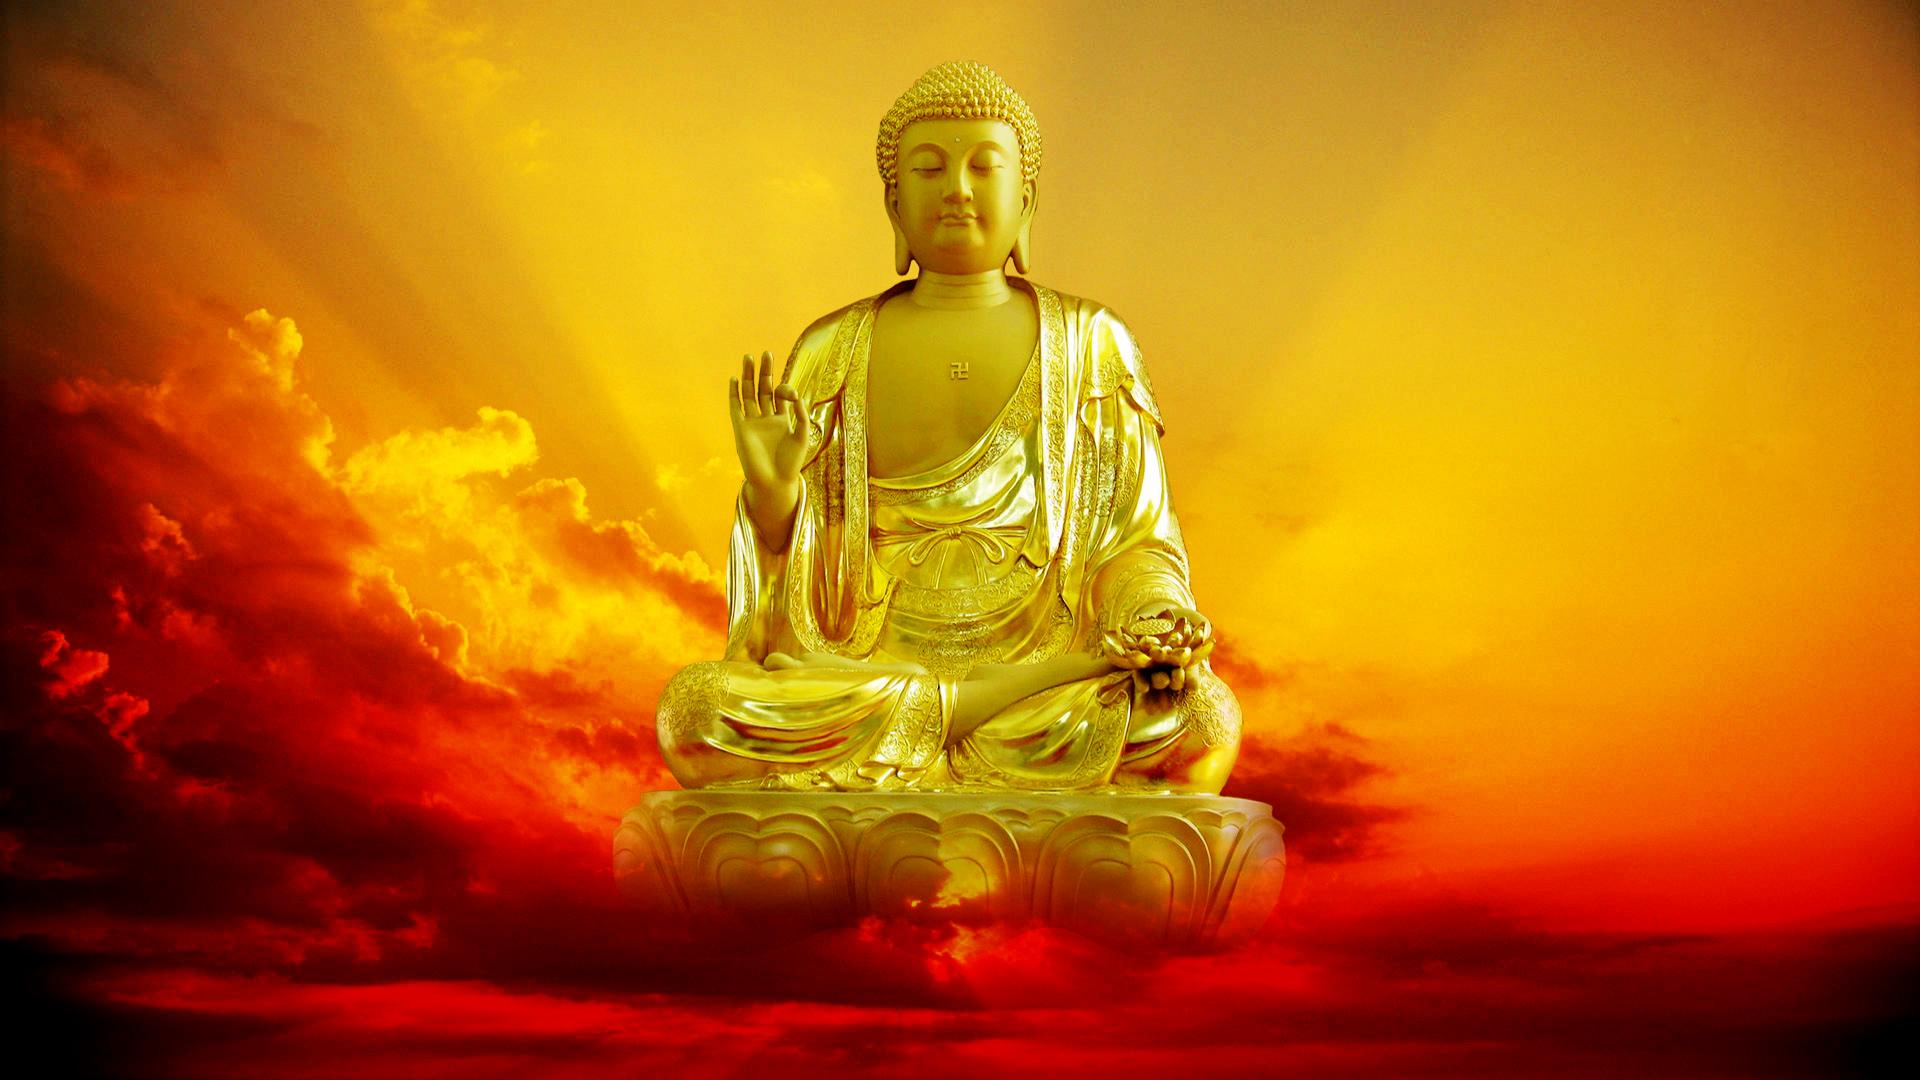 Hình tượng Phật 3D cực đẹp